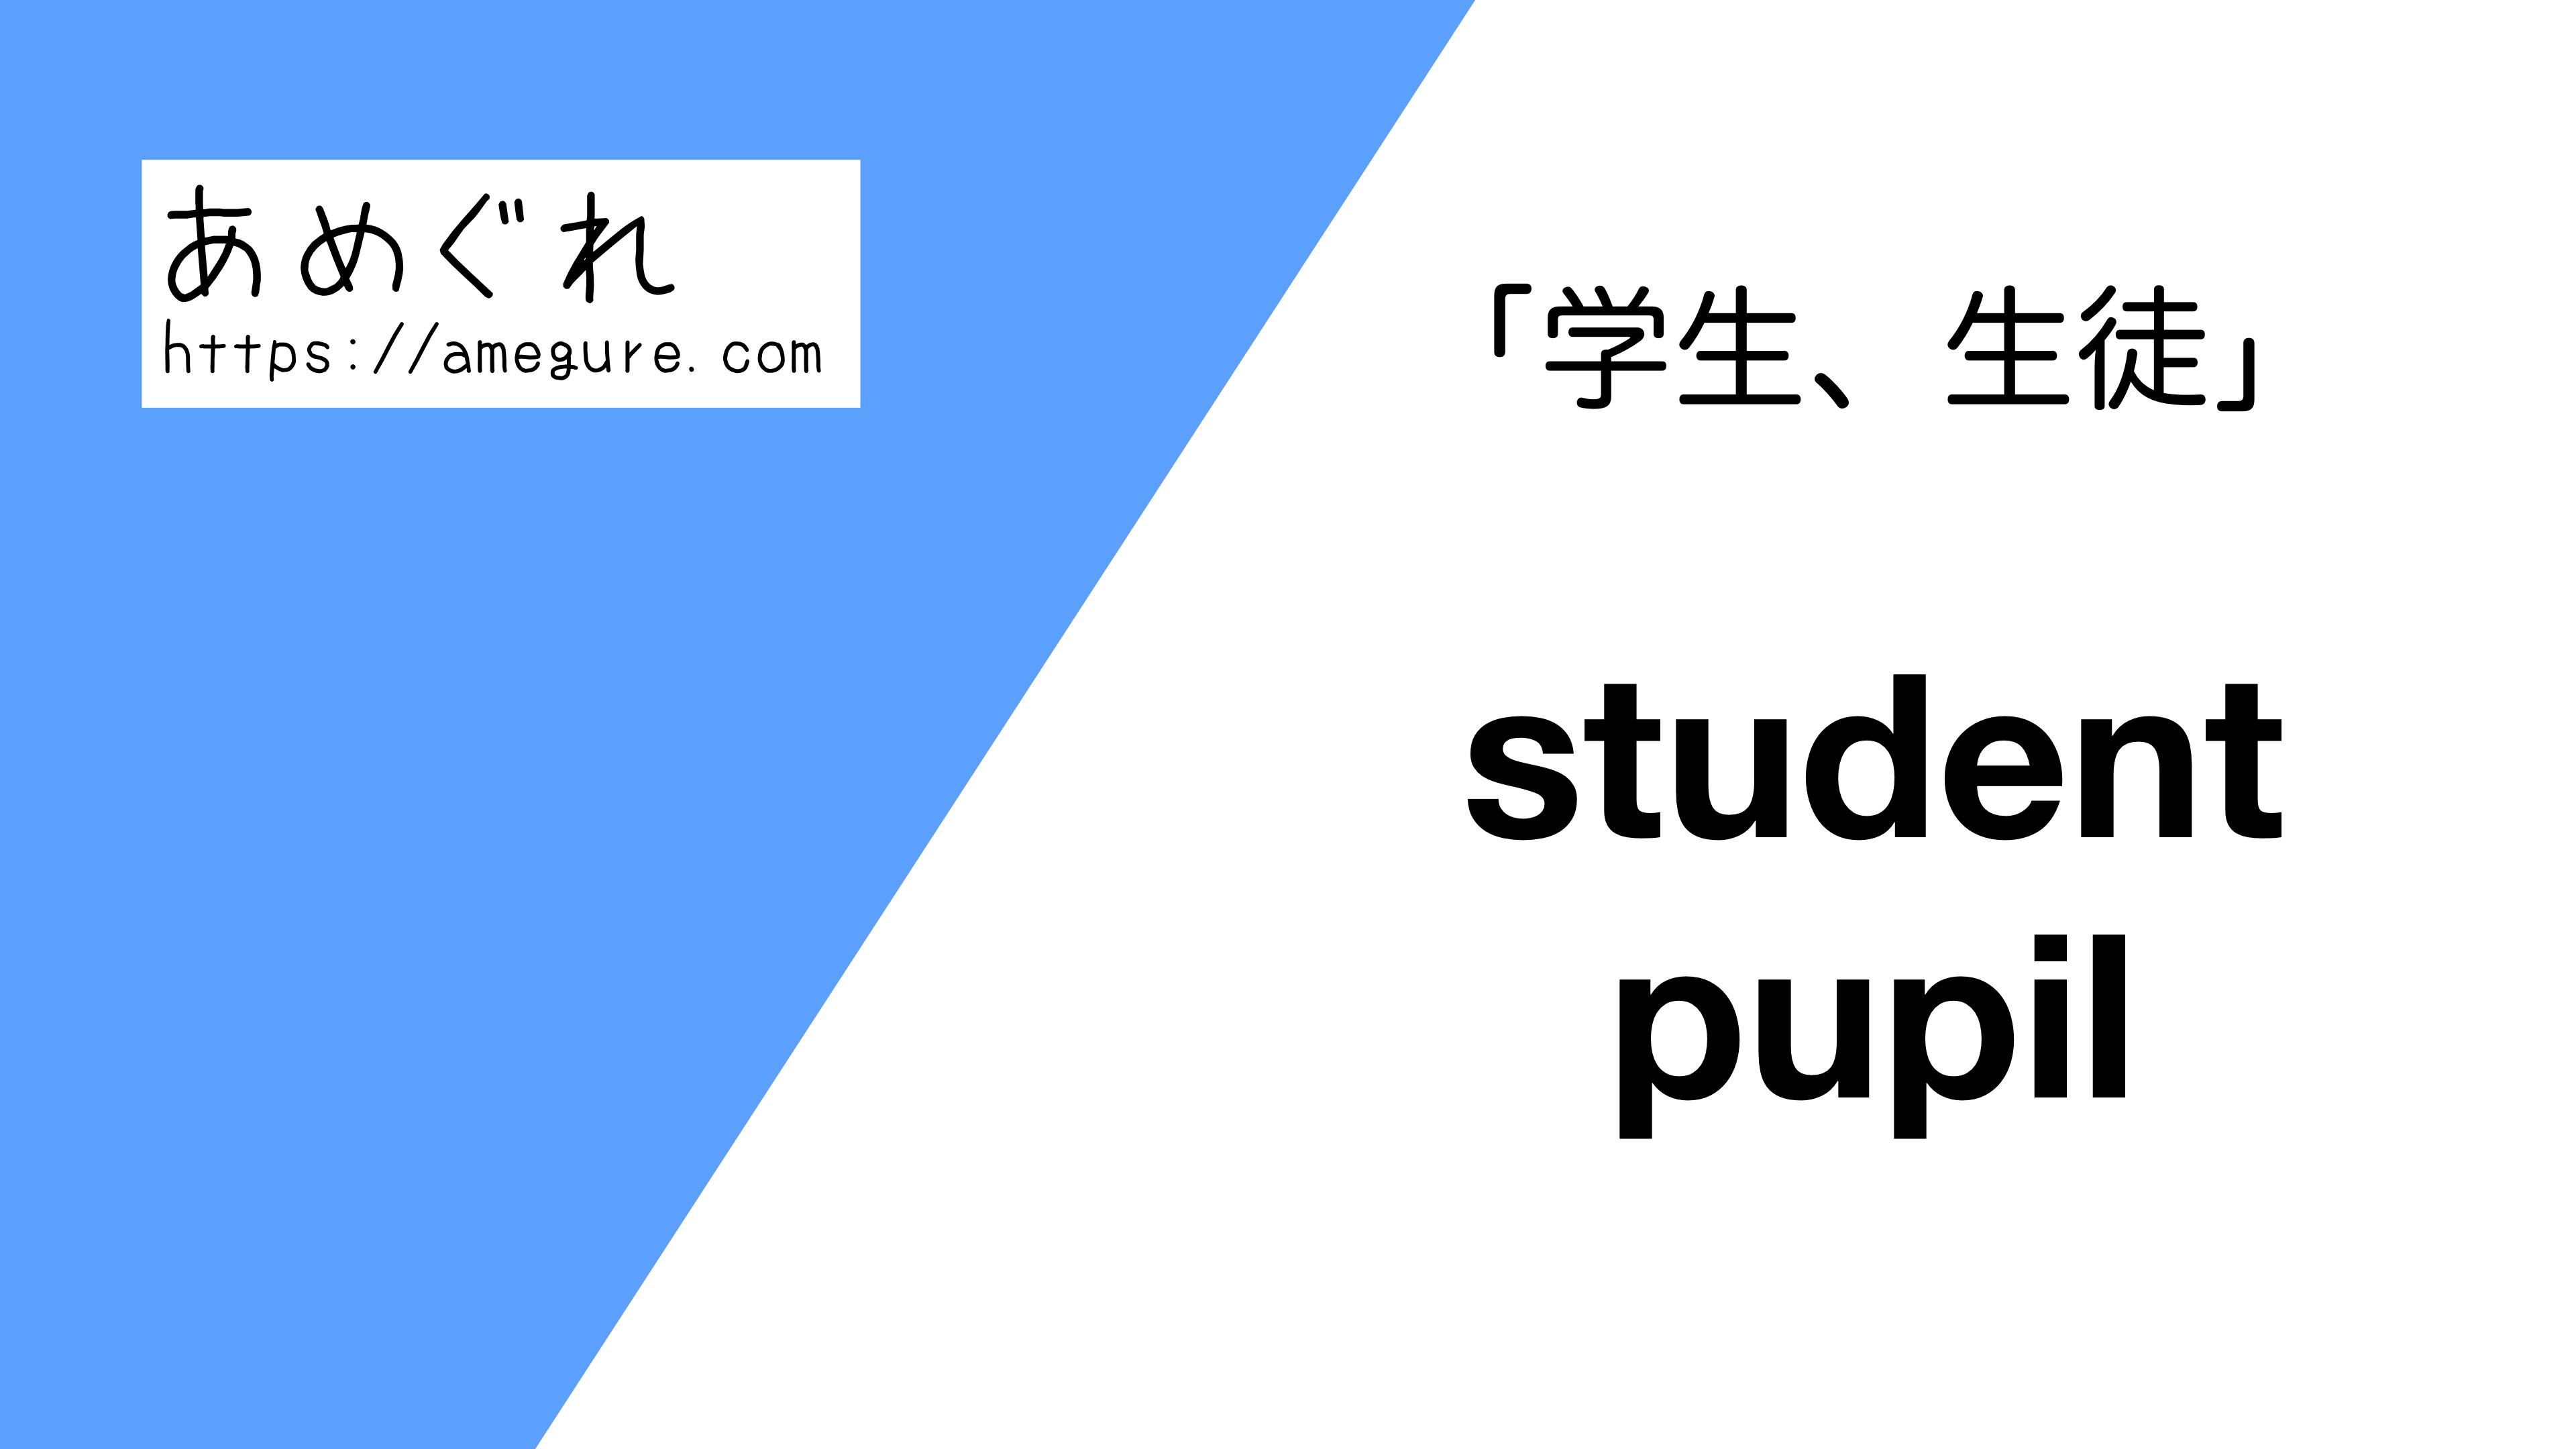 student-pupil違い